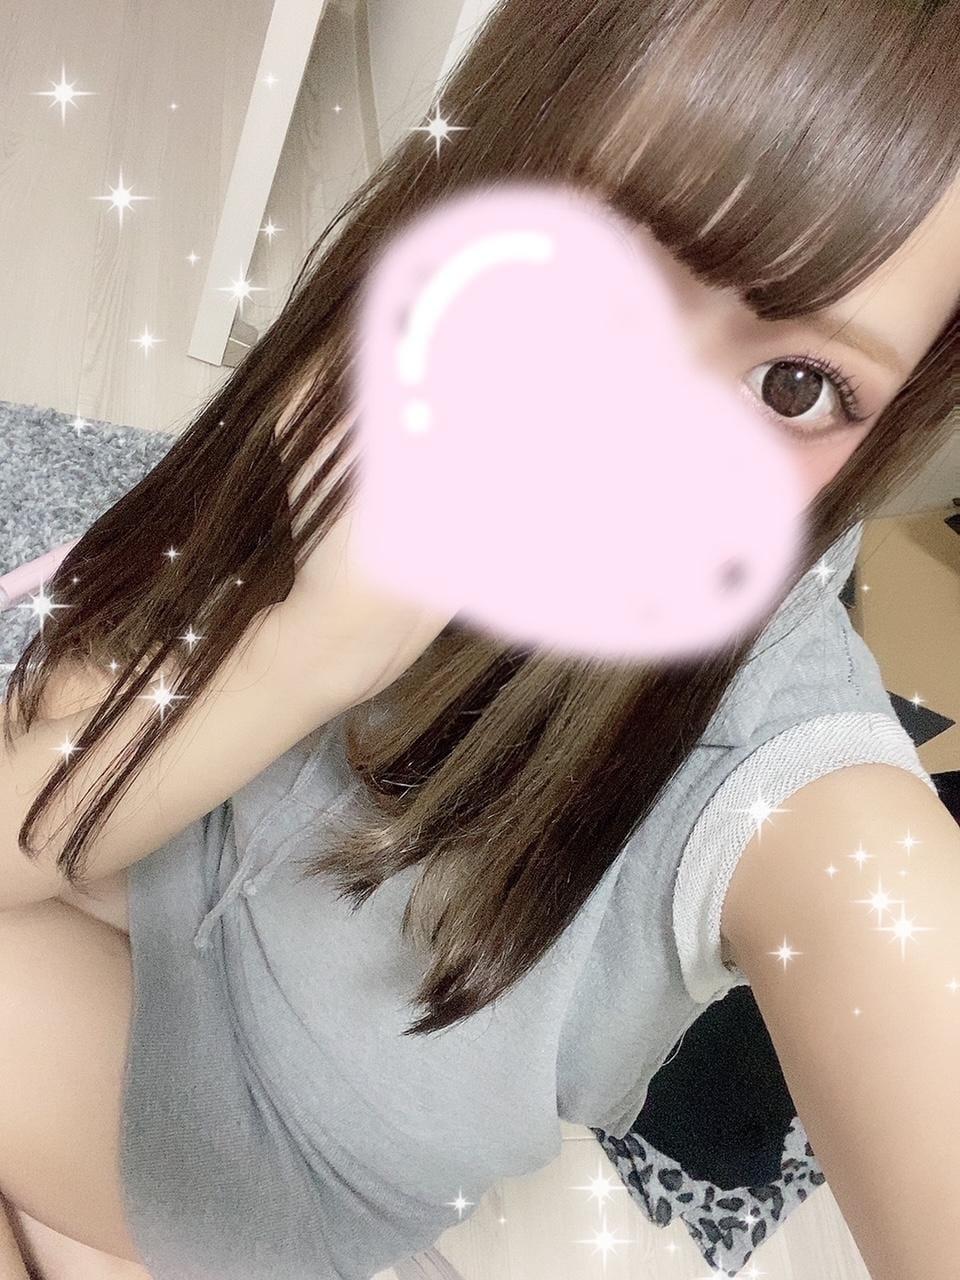 「おはようございます♡」07/24(土) 10:17 | 香澄【新人】の写メ